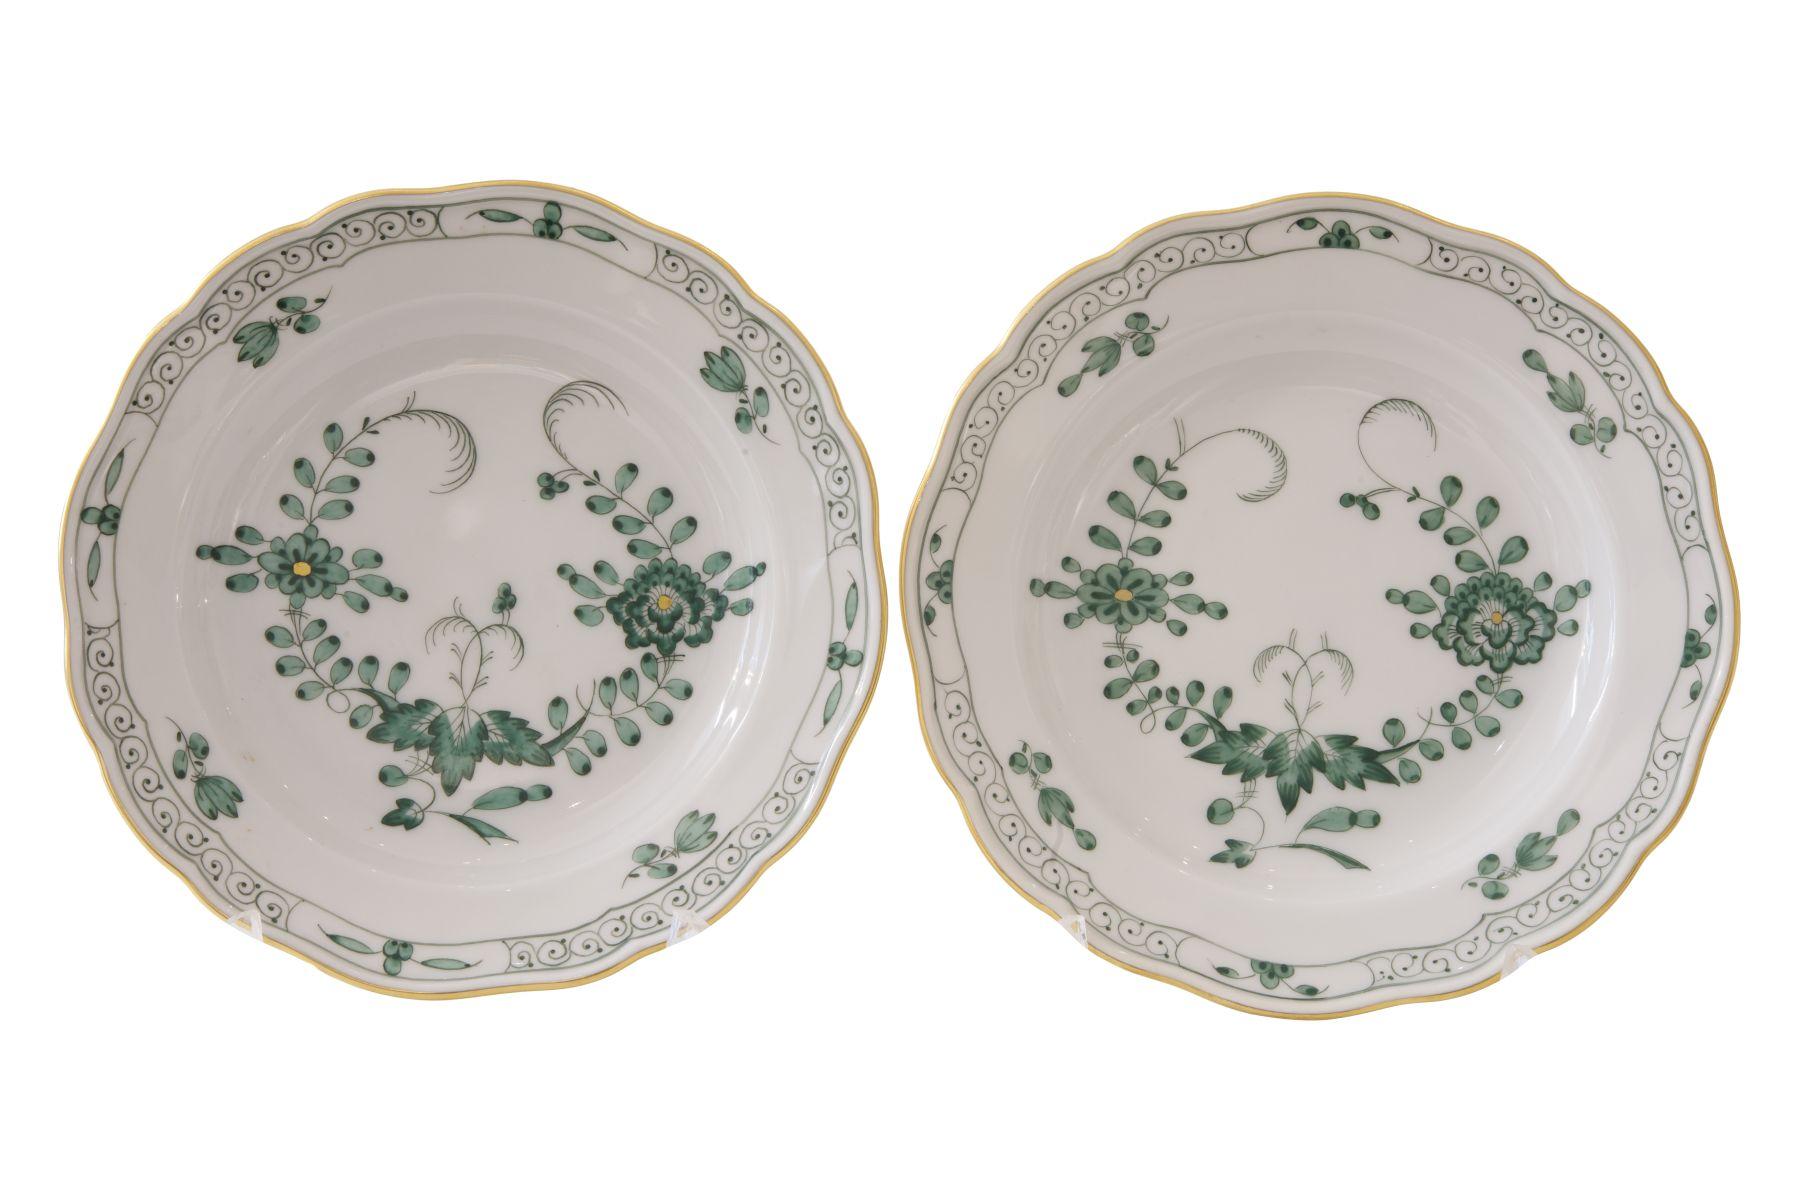 #93 2 plates Meissen 20th century | 2 kleine Teller Meissen 20, Jh Image